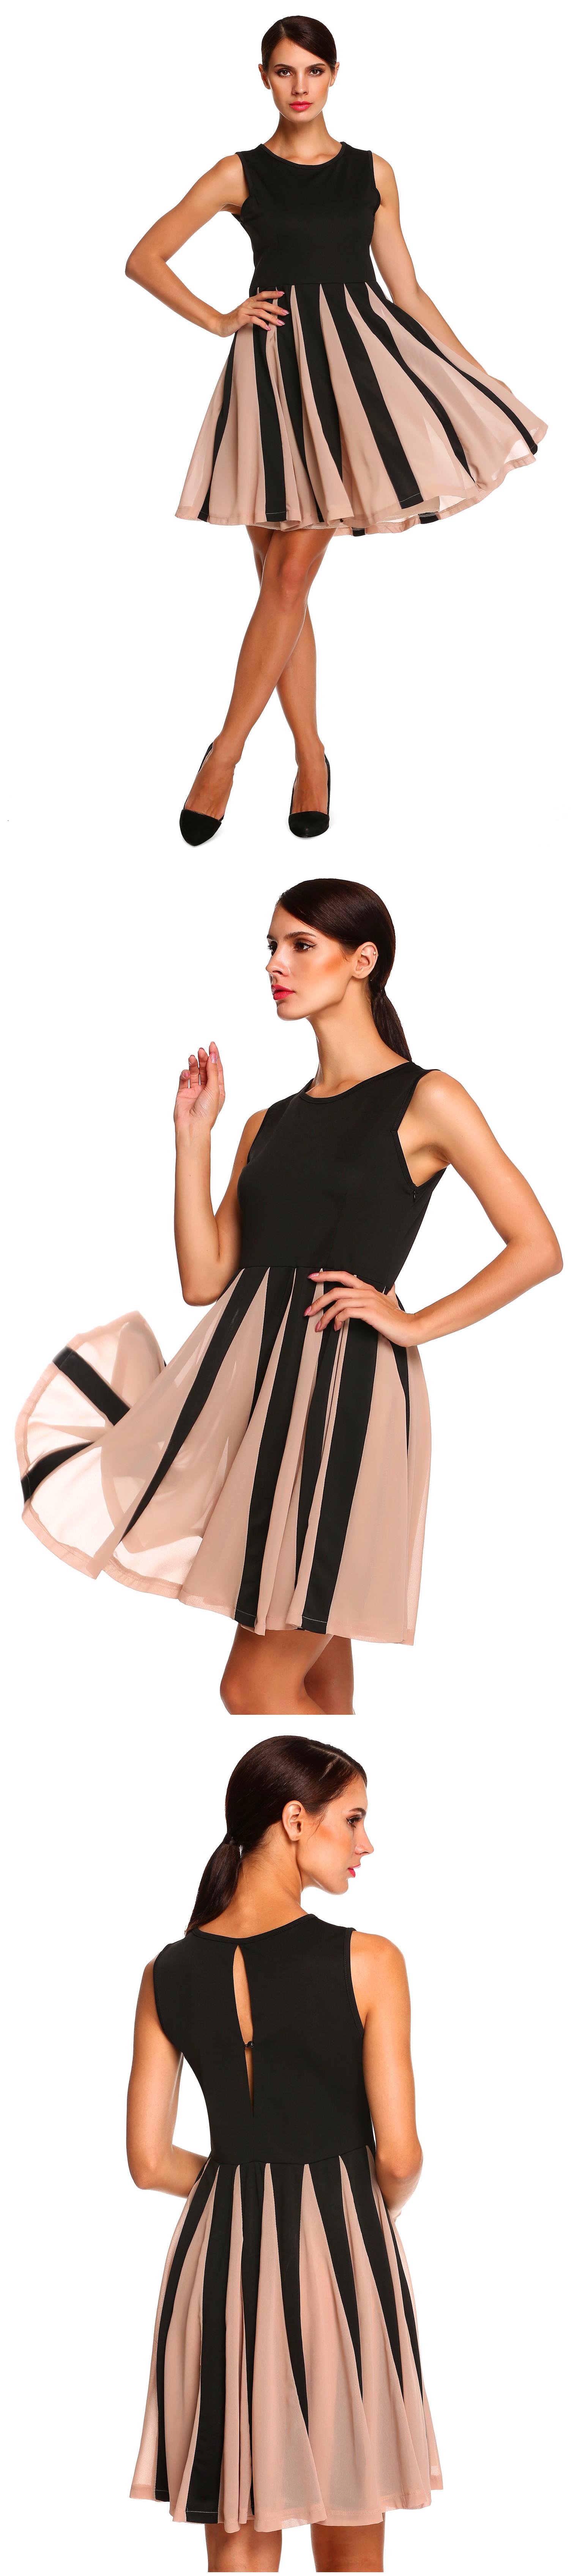 New Stylish Ladies Women Elegant Sleeveless Round Neck Solid Pleated Dressc    $12.86